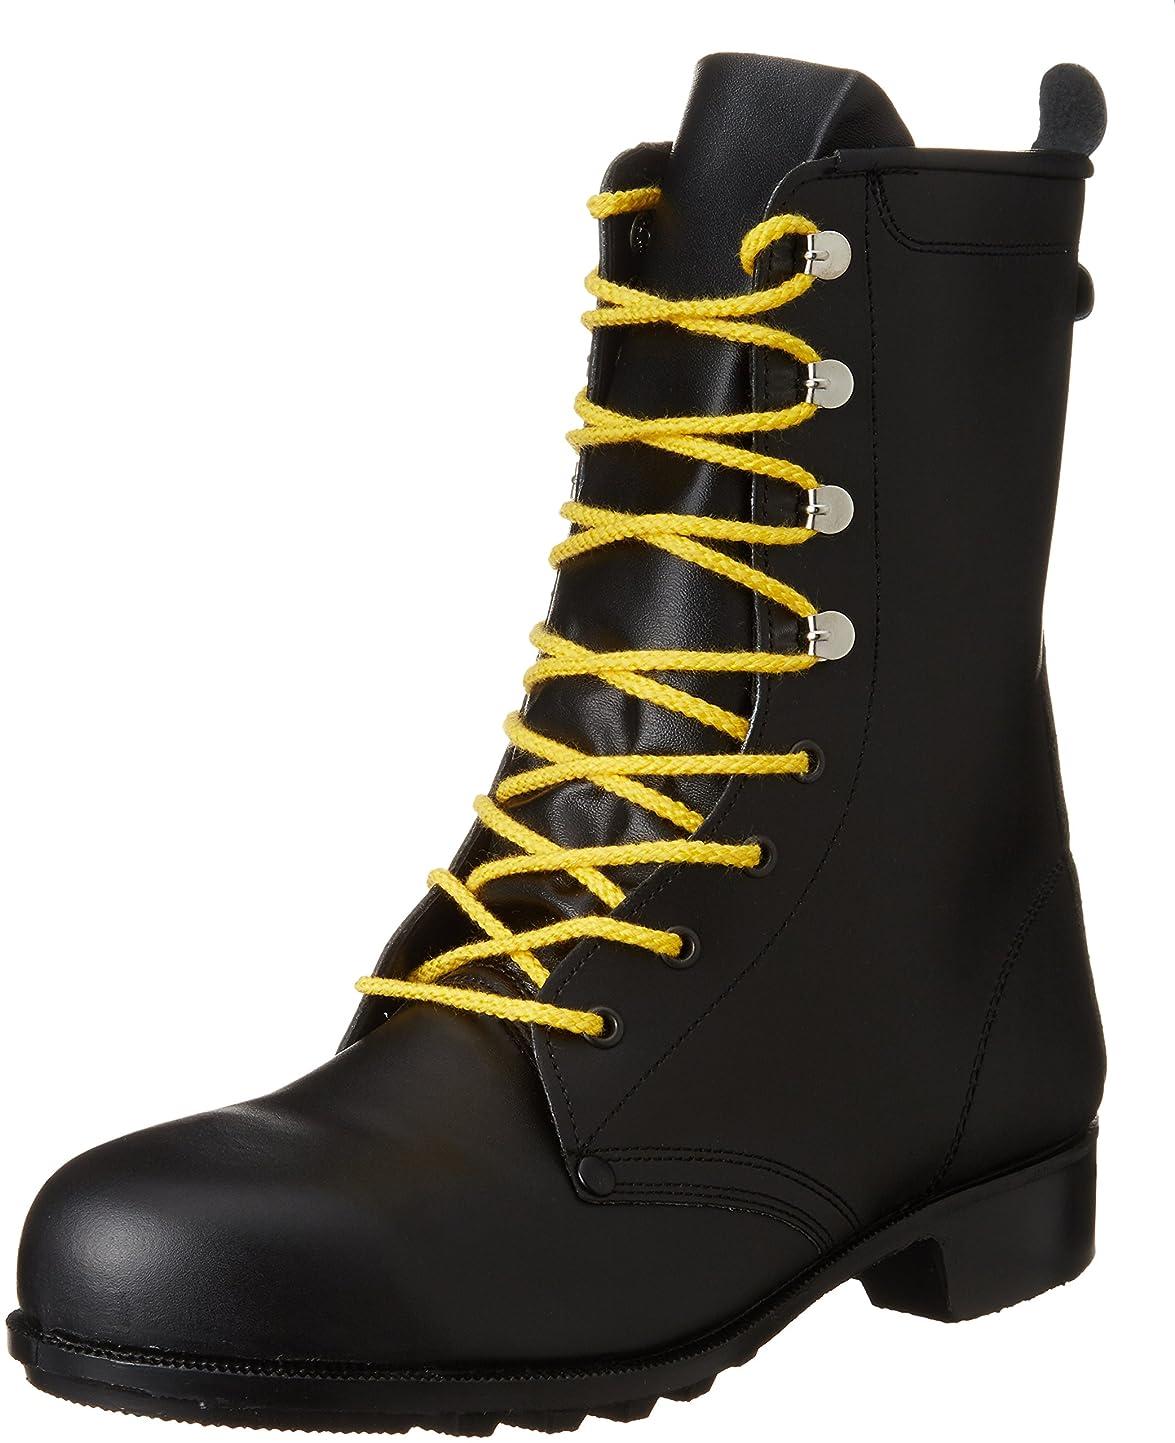 同情的リード憂鬱静電長編靴 AS511P 6B059 メンズ